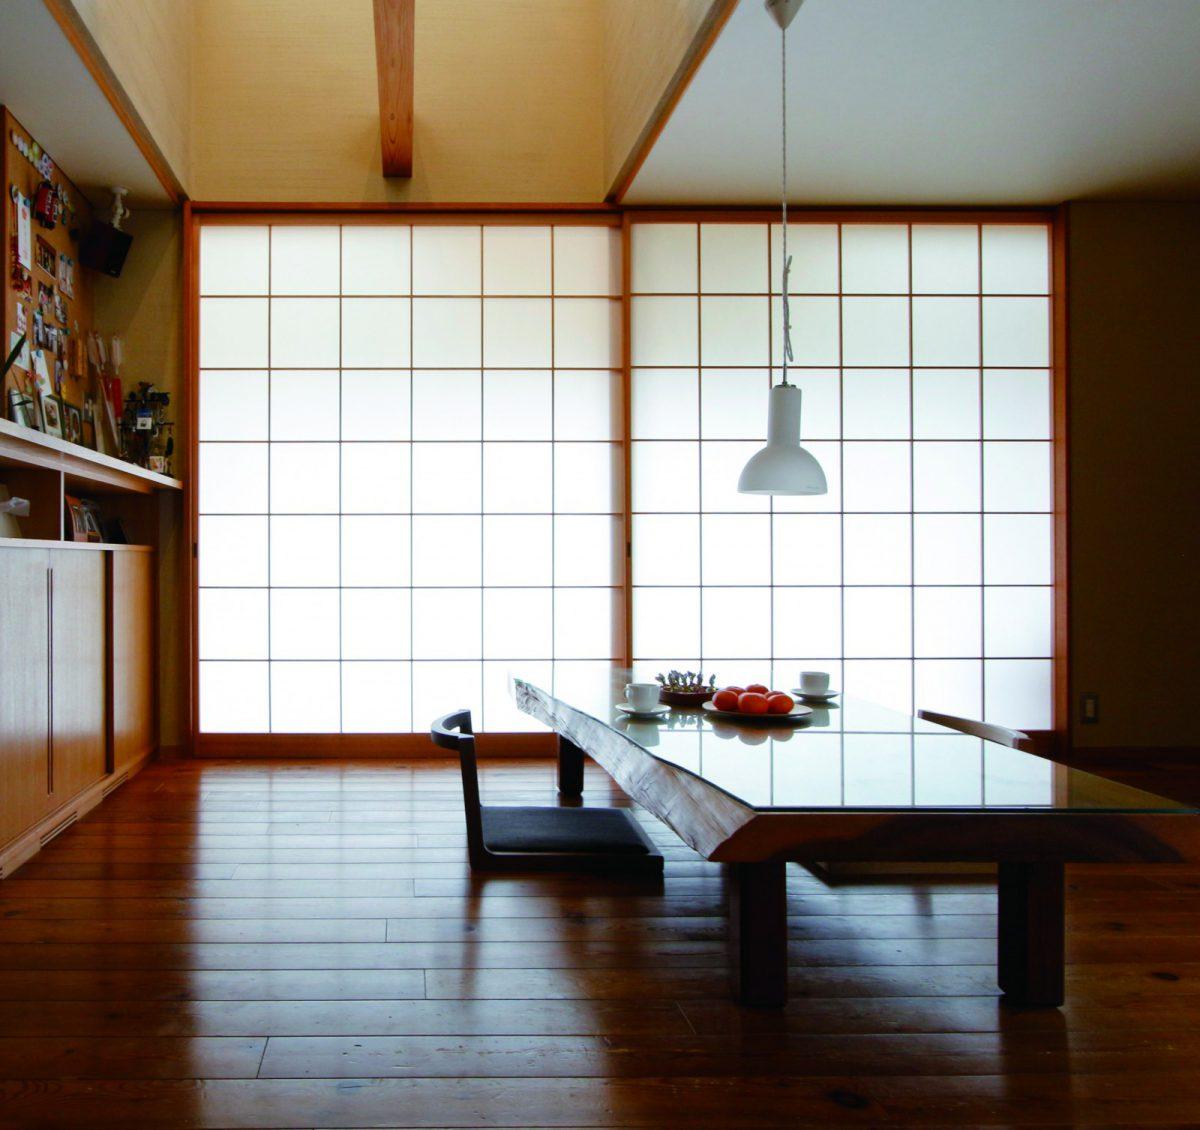 オープンハウス「明るい土間があるおおらかな家」(築11年・OMソーラー搭載)(終了)